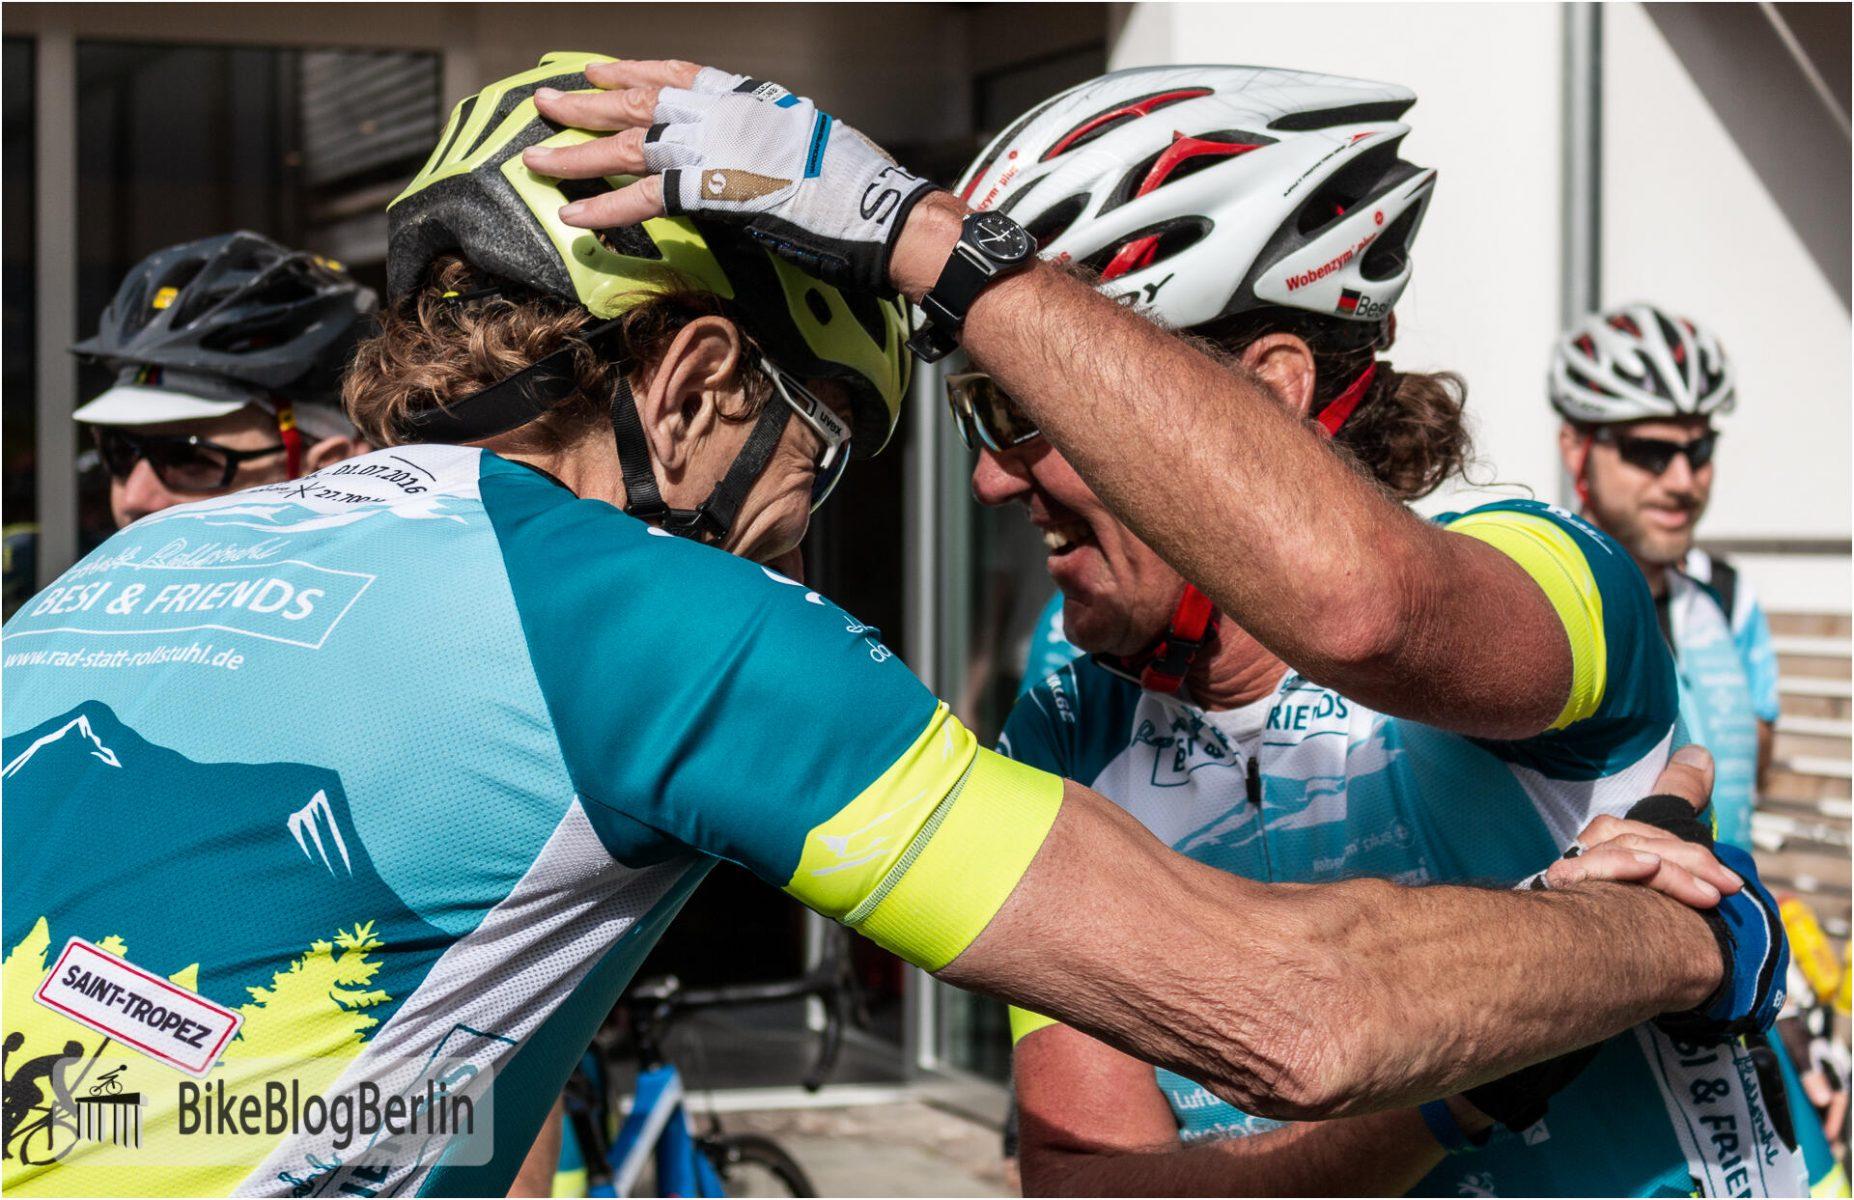 Besi gratuliert Lorenz zum Erreichen des Etappenziels, indem er ihm auf den Helm klopft.